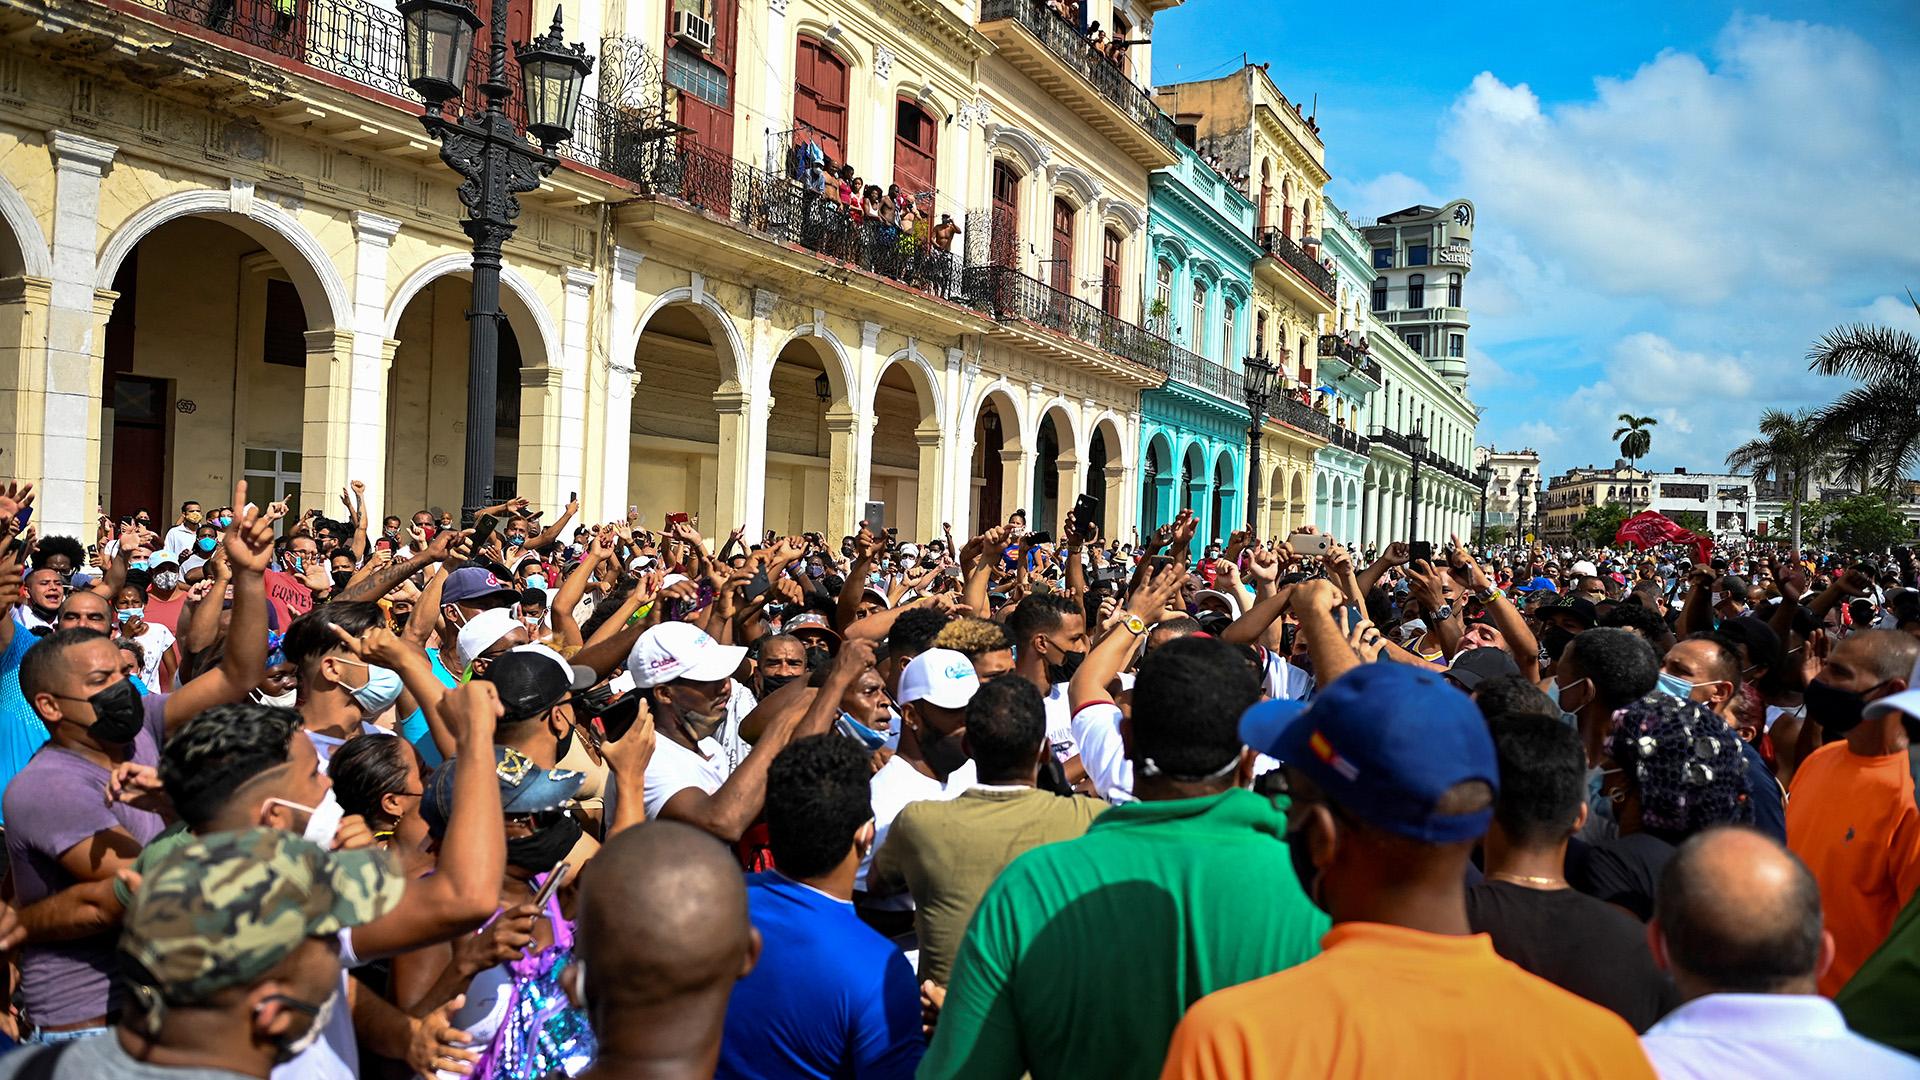 """Abajo la dictadura!"""": miles de cubanos salieron a las calles para protestar contra el régimen en medio de la grave situación sanitaria - Infobae"""